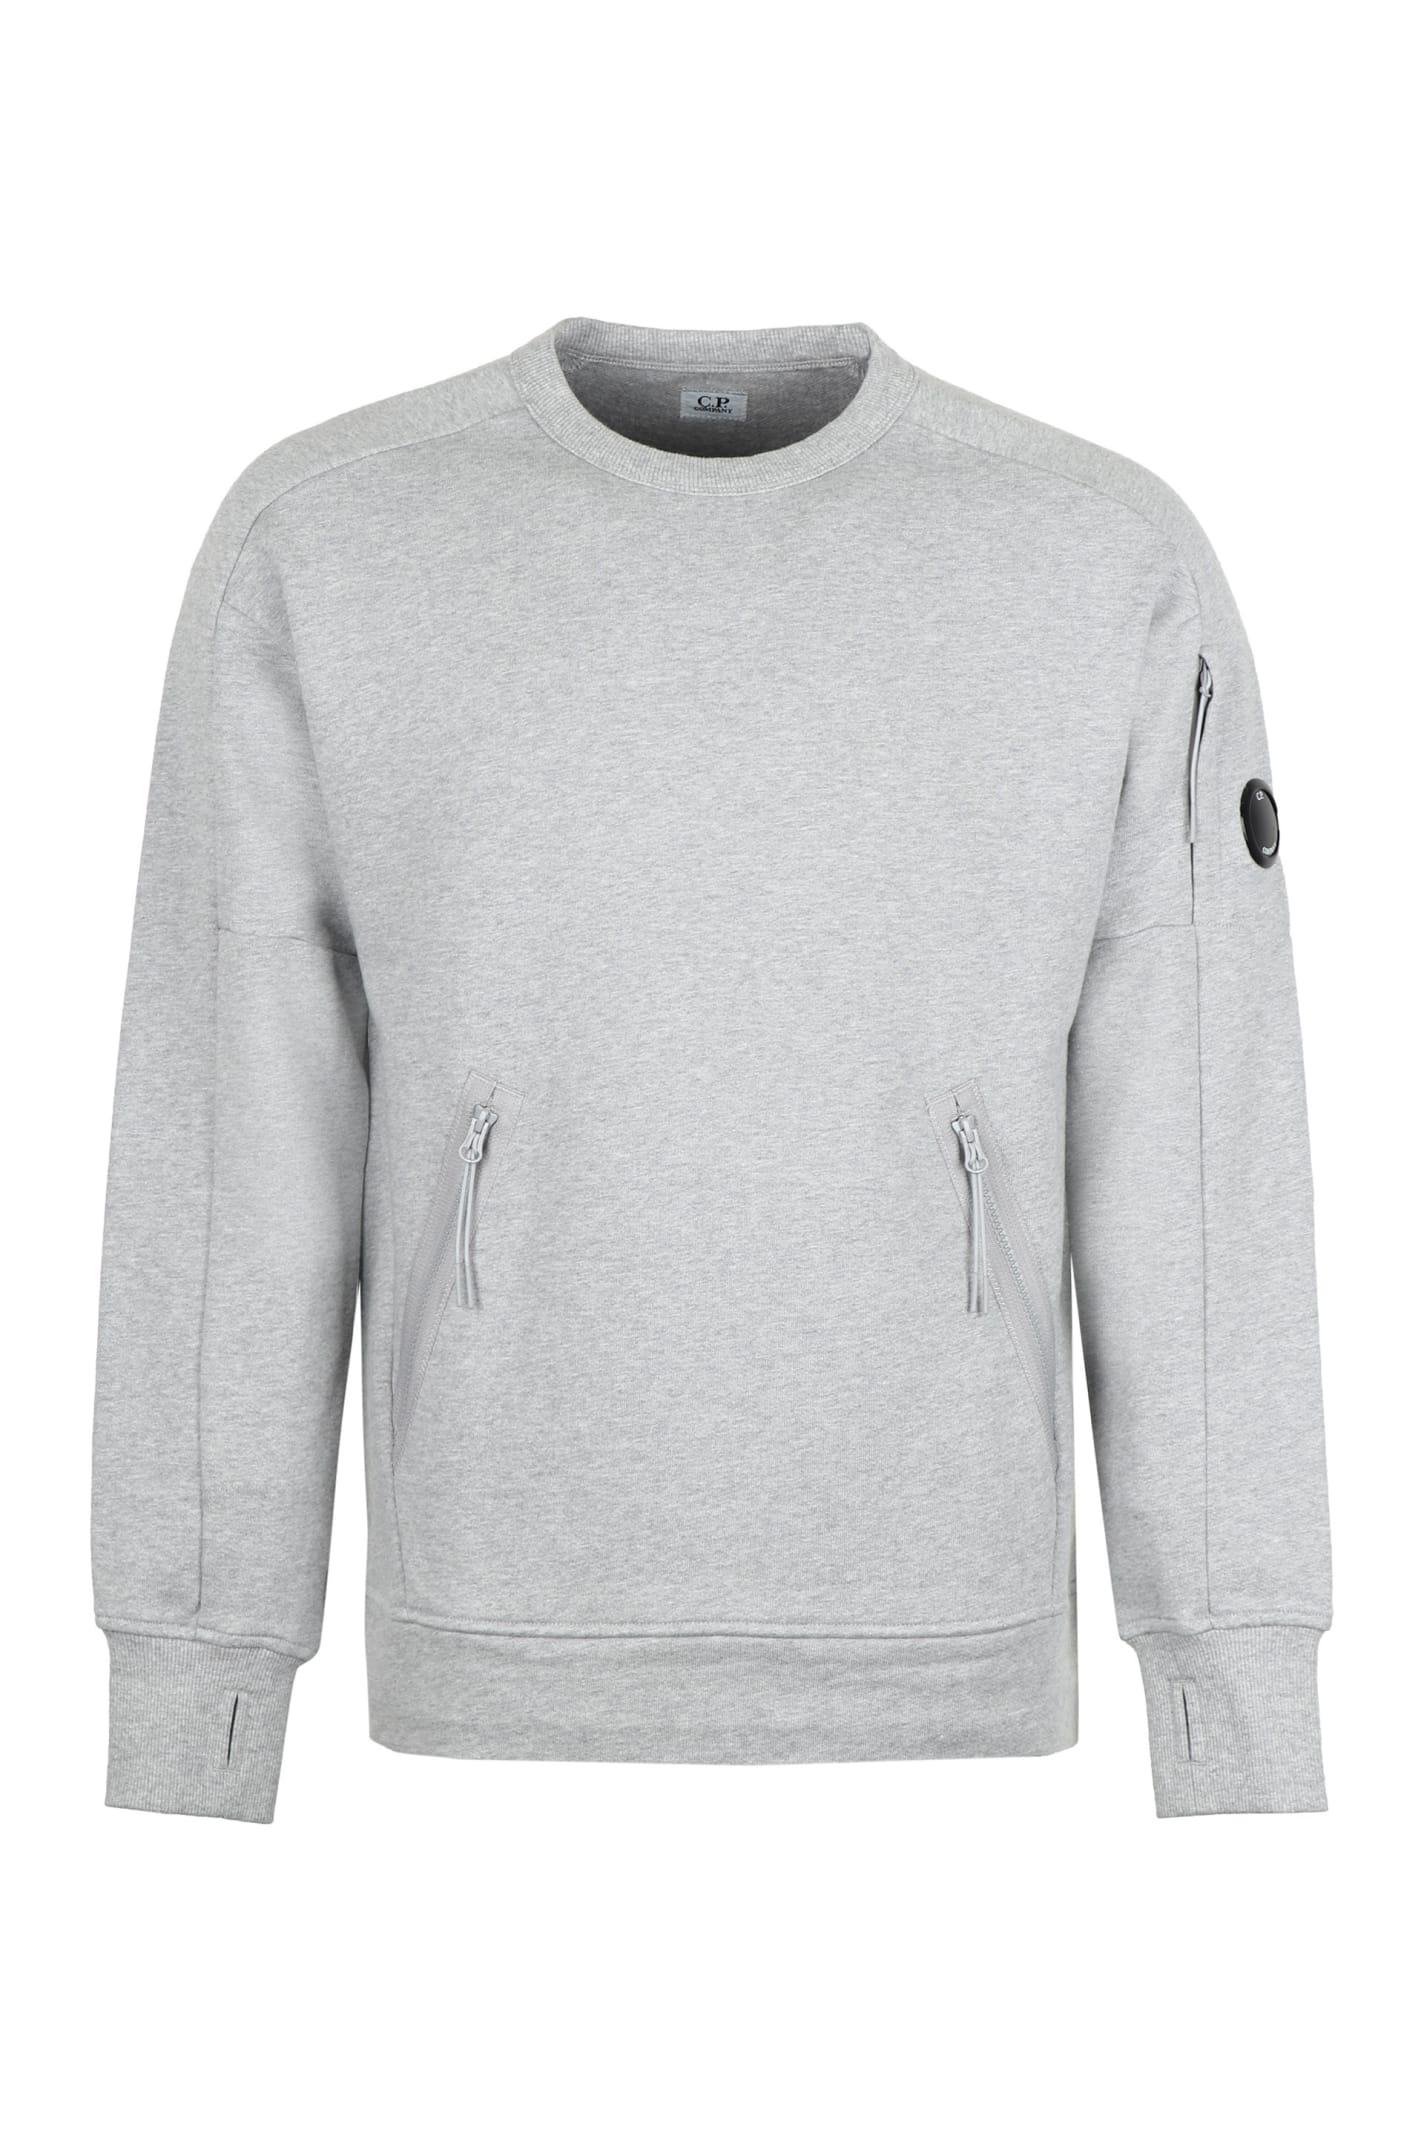 C.p. Company Sweaters COTTON CREW-NECK SWEATSHIRT